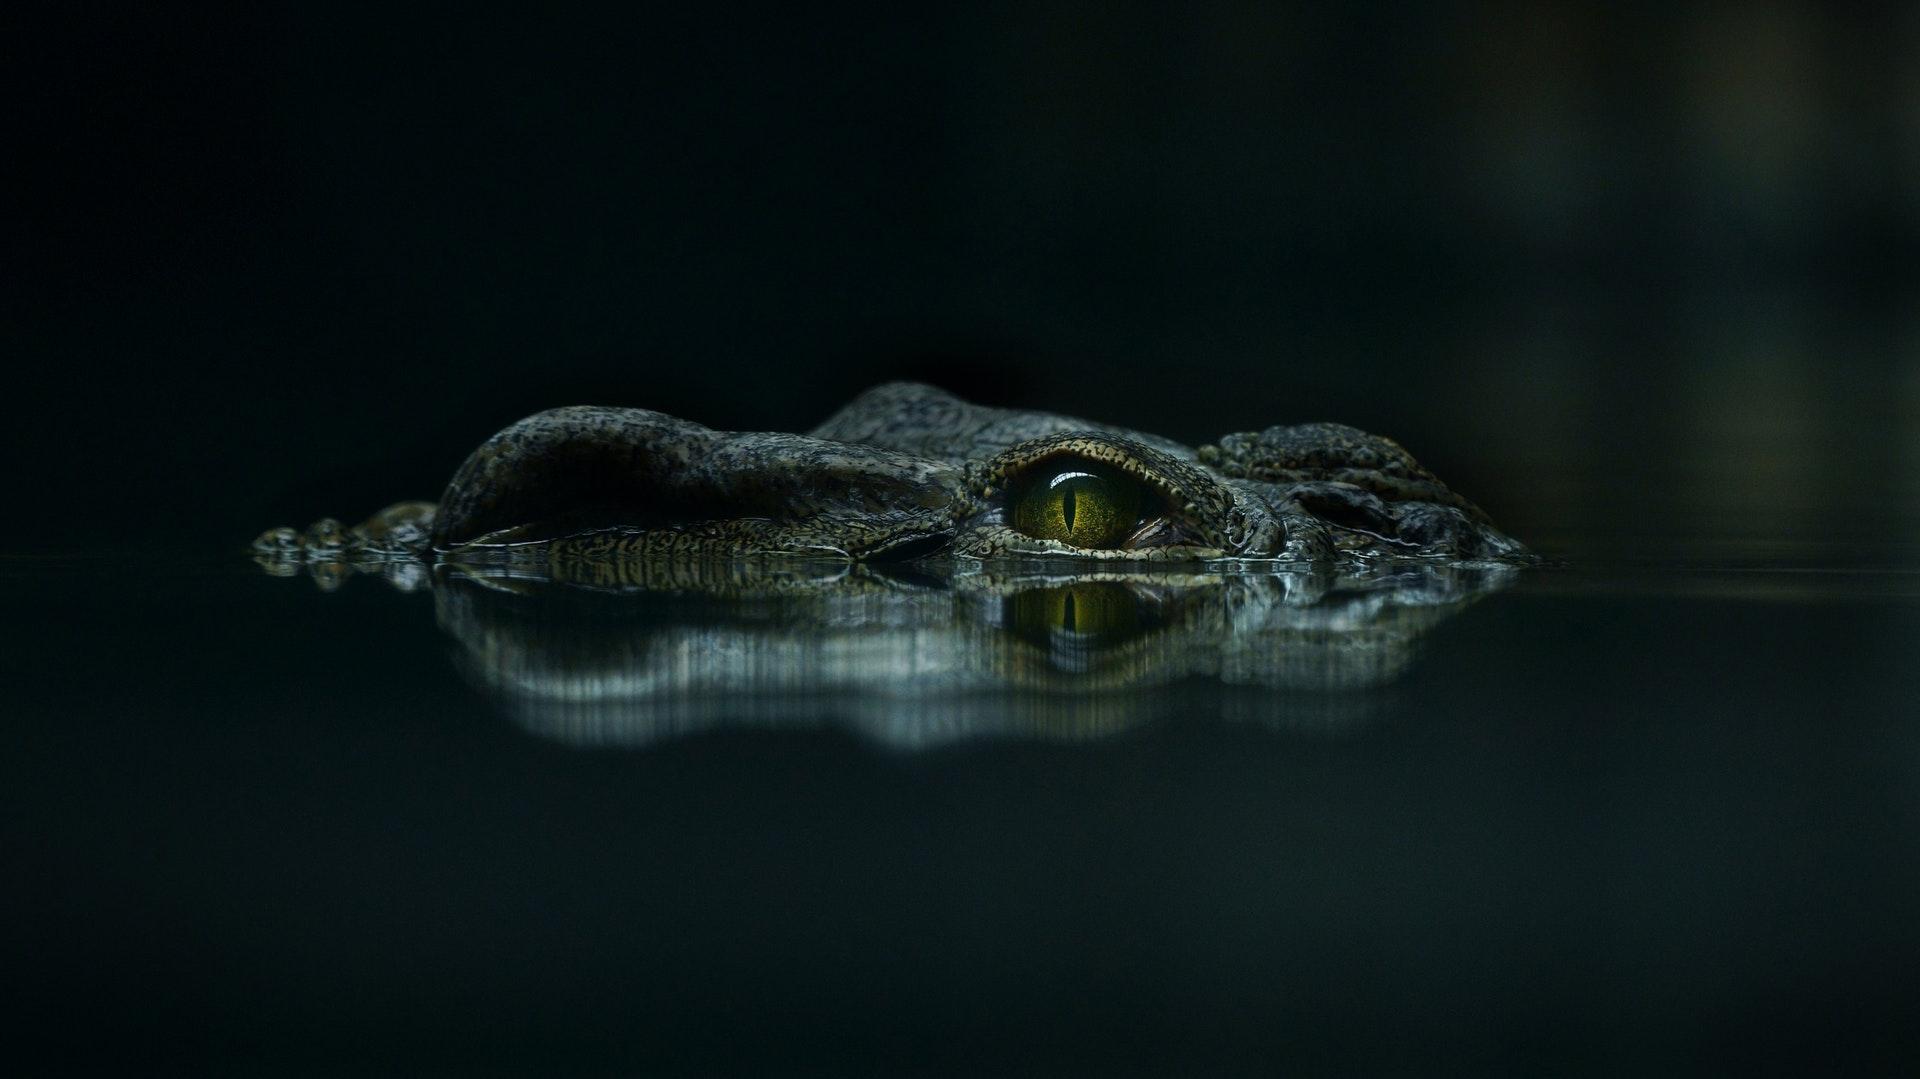 download wallpaper: krokodil wallpaper